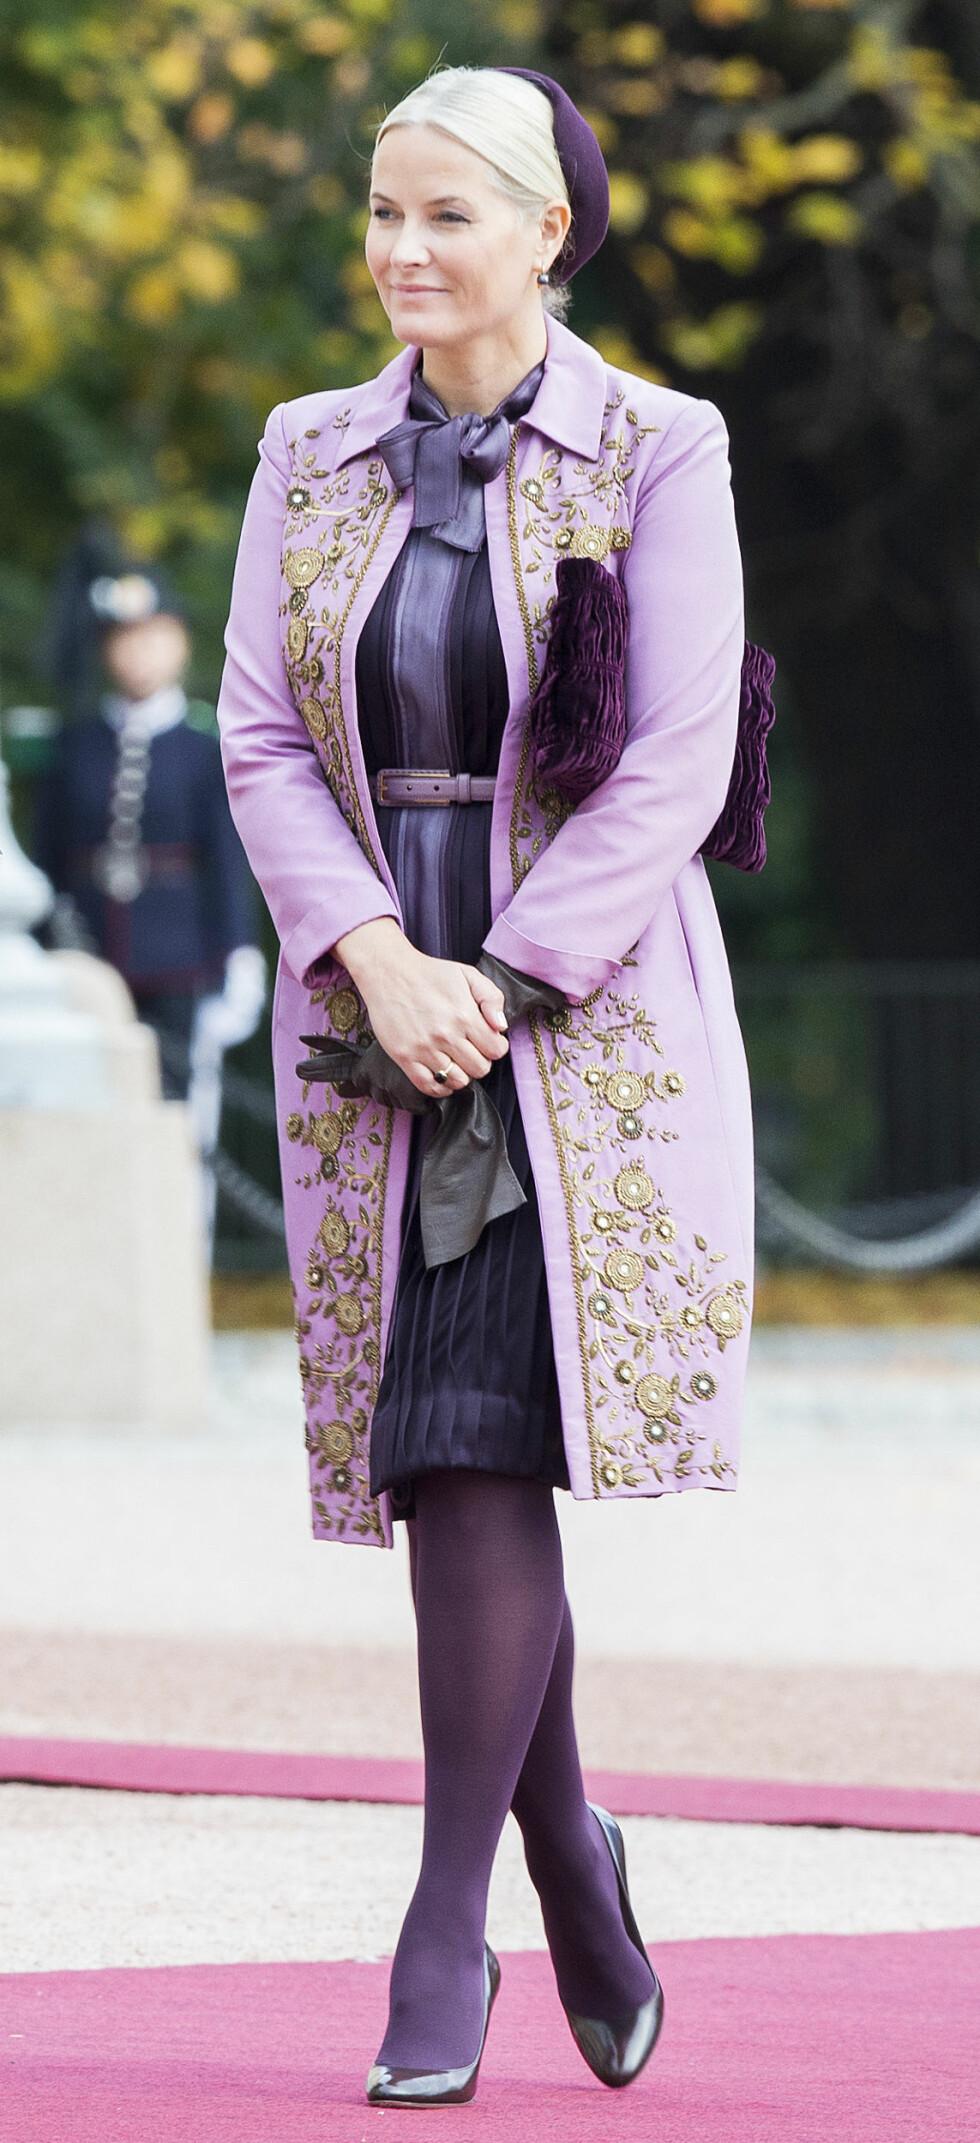 EN LILLA DRØM: Kronprinsesse Mette-Marit fotografert på vei inn på slottet i forbindelse med besøk fra Singapores president Tony Tan Keng Yam og kona Mary Tan. Dette var i oktober. Foto: Berit Roald / NTB scanpix Foto: NTB Scanpix